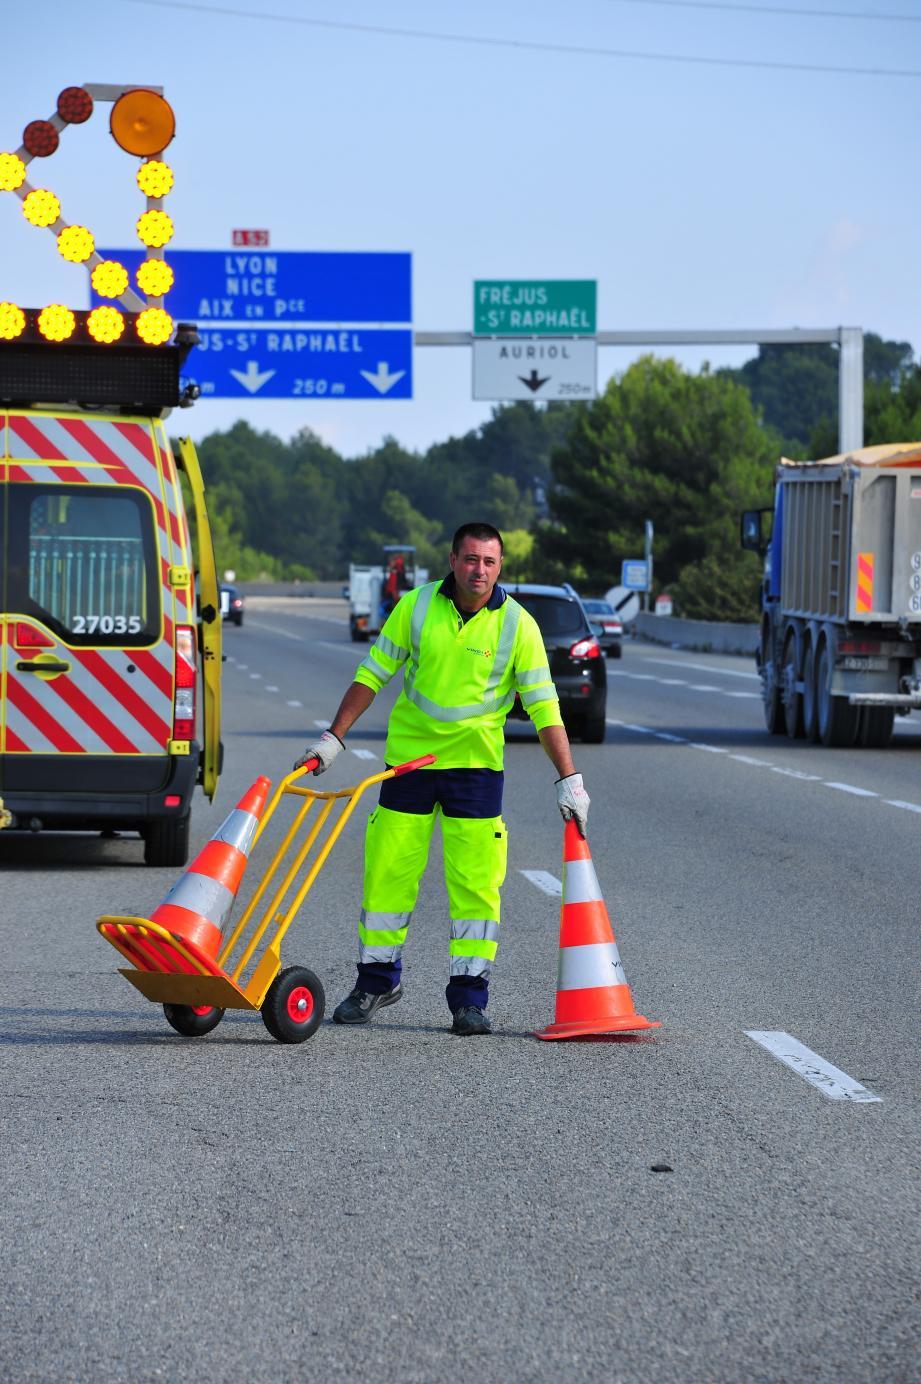 Les « hommes en jaune » travaillent quotidiennement pour notre sécurité. Respectons-les !